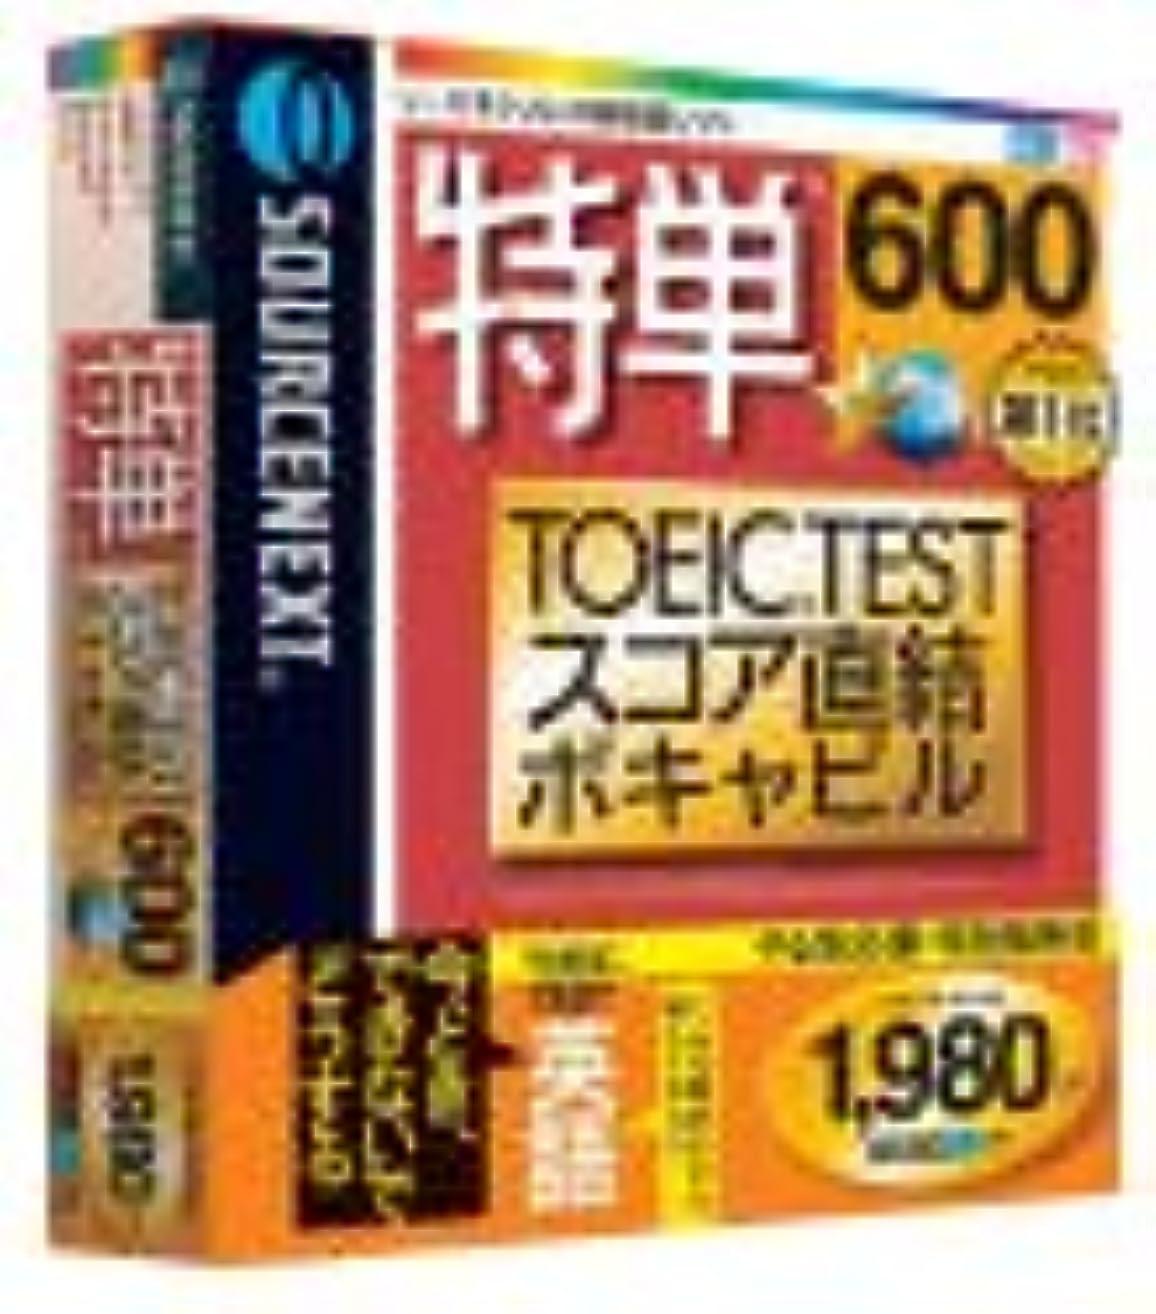 コンプリート千願望特単 600 TOEIC TESTスコア直結ボキャビル やる気応援?特別価格版